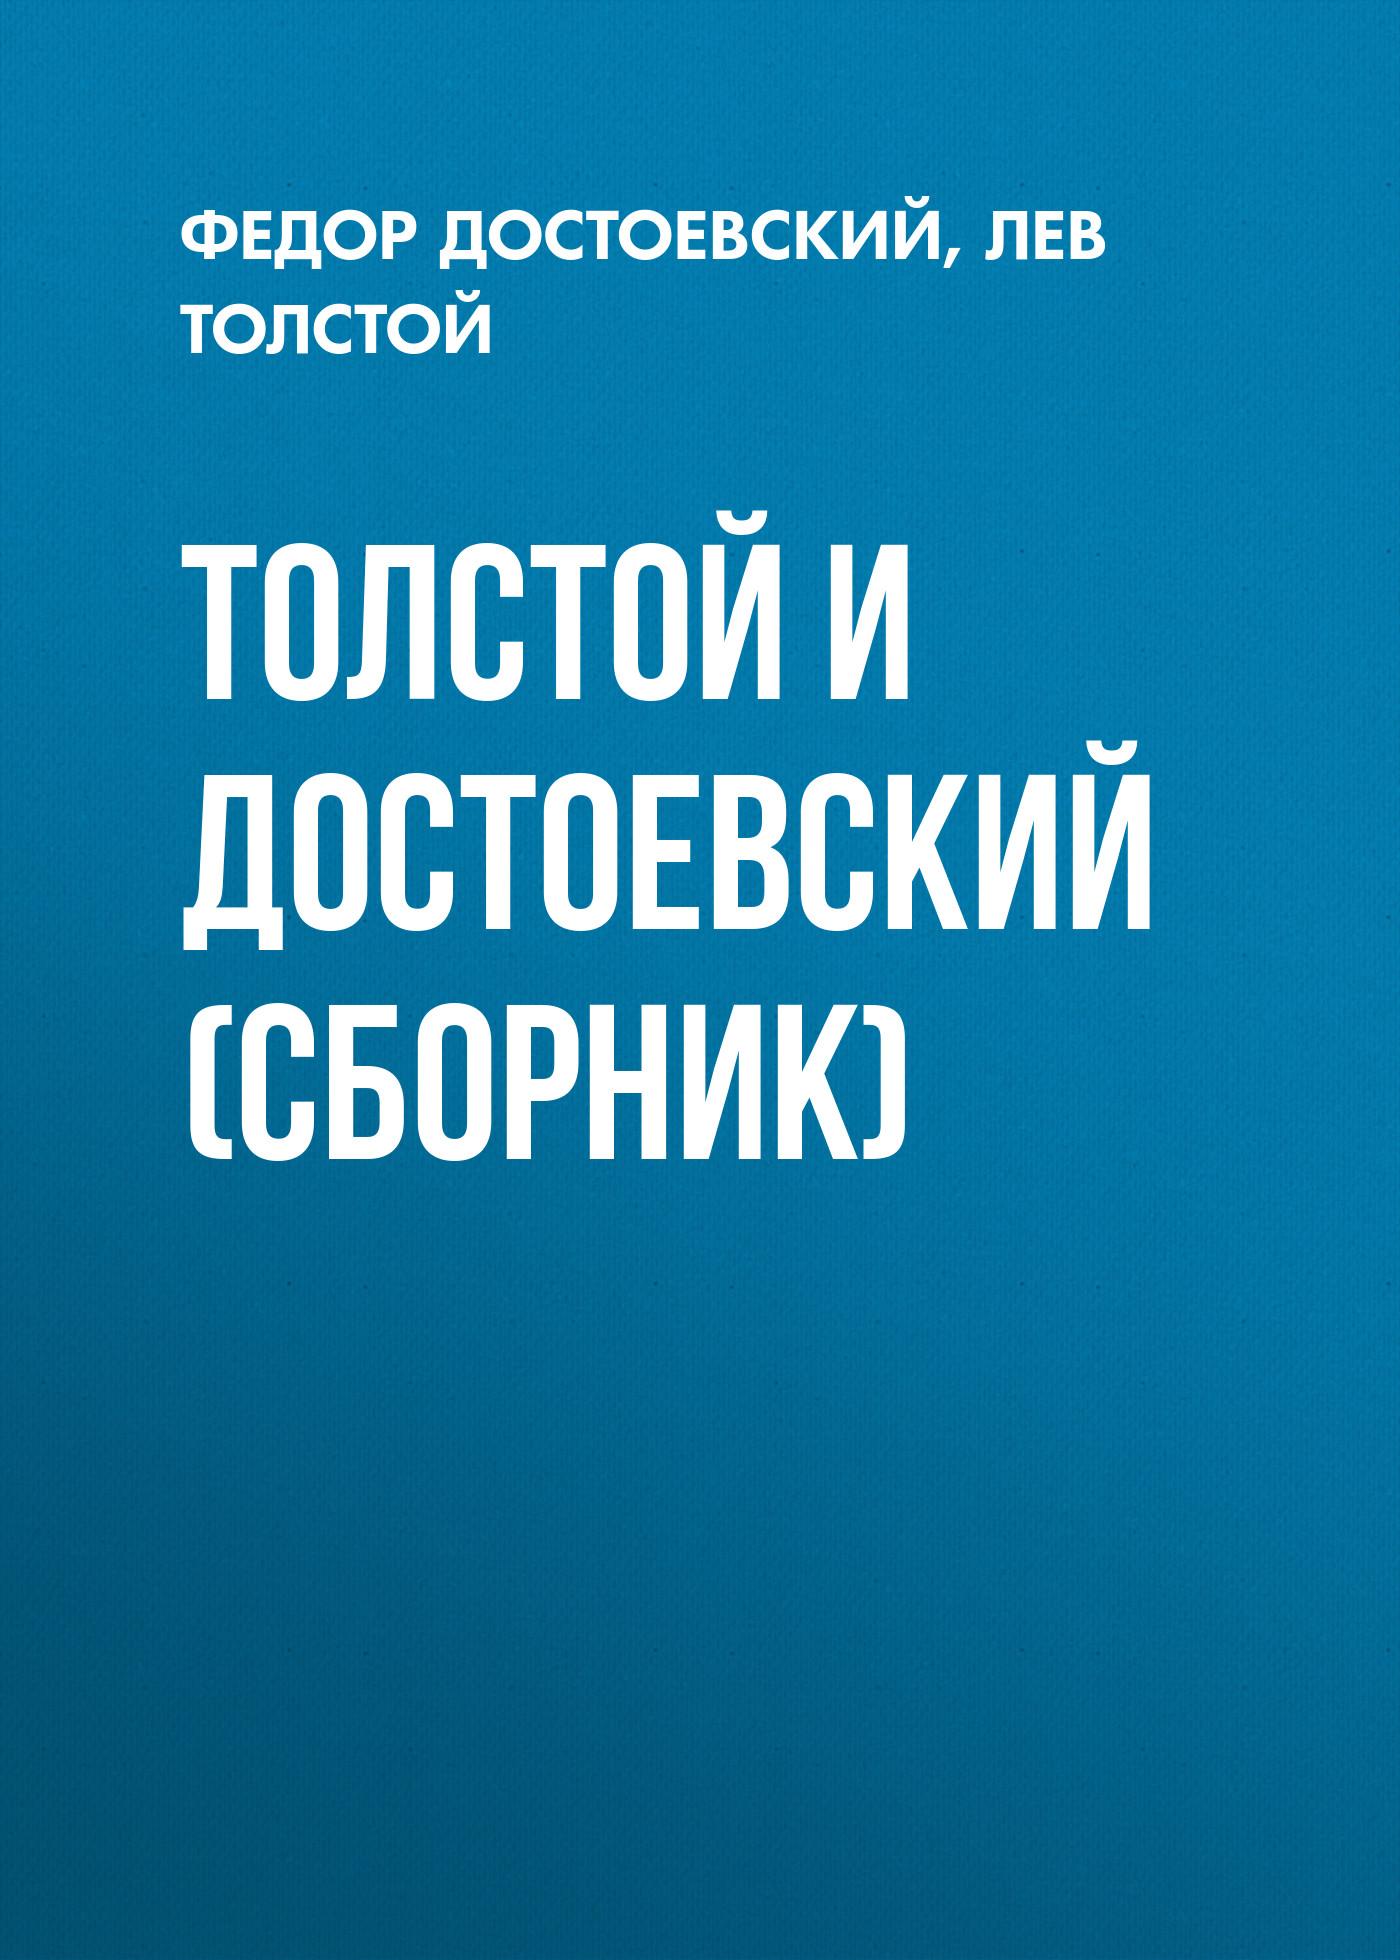 tolstoy i dostoevskiy sbornik